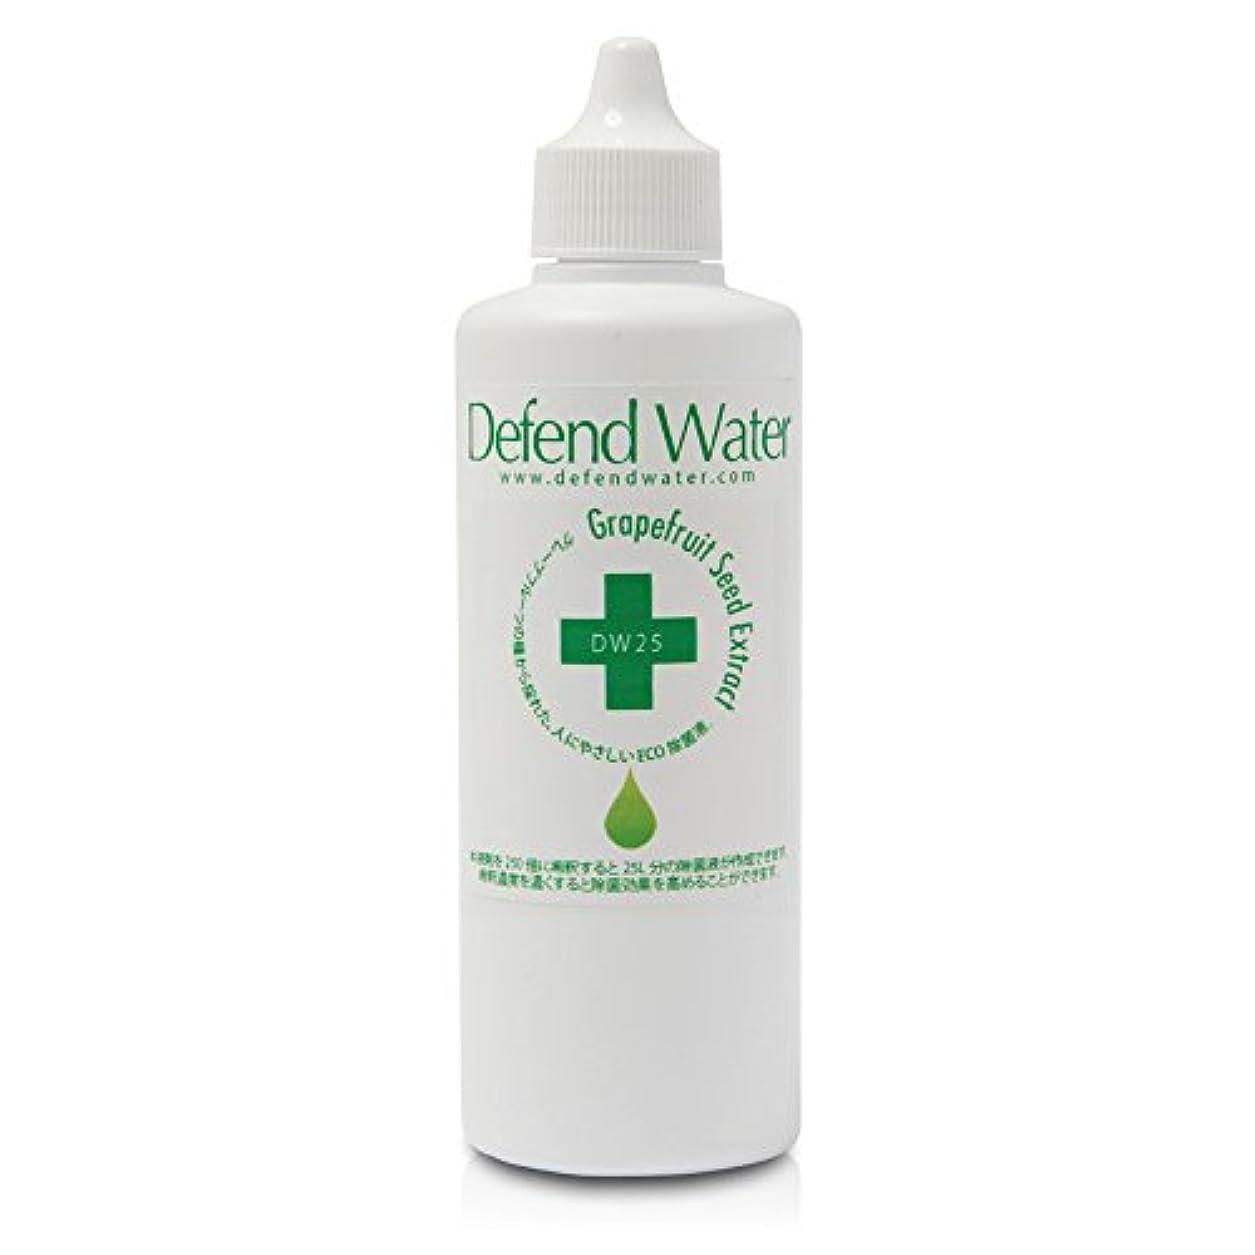 呼び起こすセールペインアロマオイルと一緒に使う空間除菌液、天然エコ除菌液「ディフェンドウォーター」DW25:全国送料無料